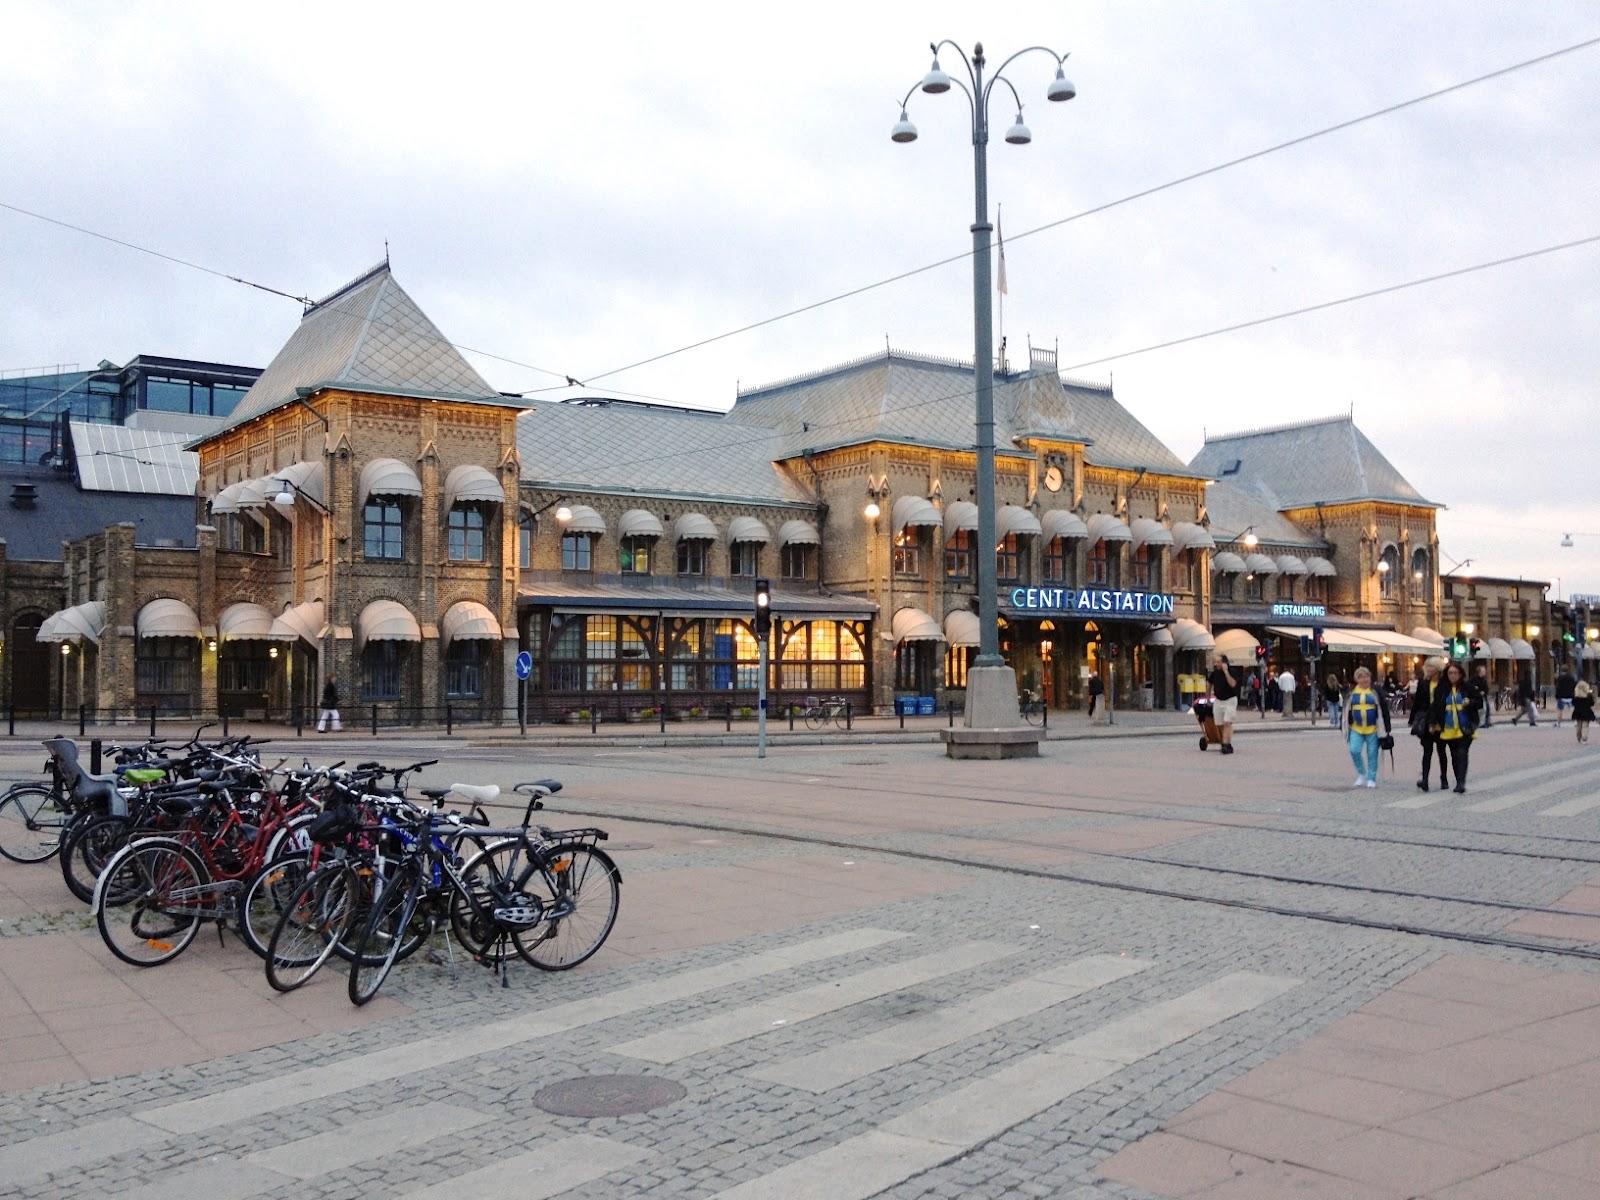 Gothenburg Sweden  city photos gallery : SkiCat Travels: Gothenburg, Sweden